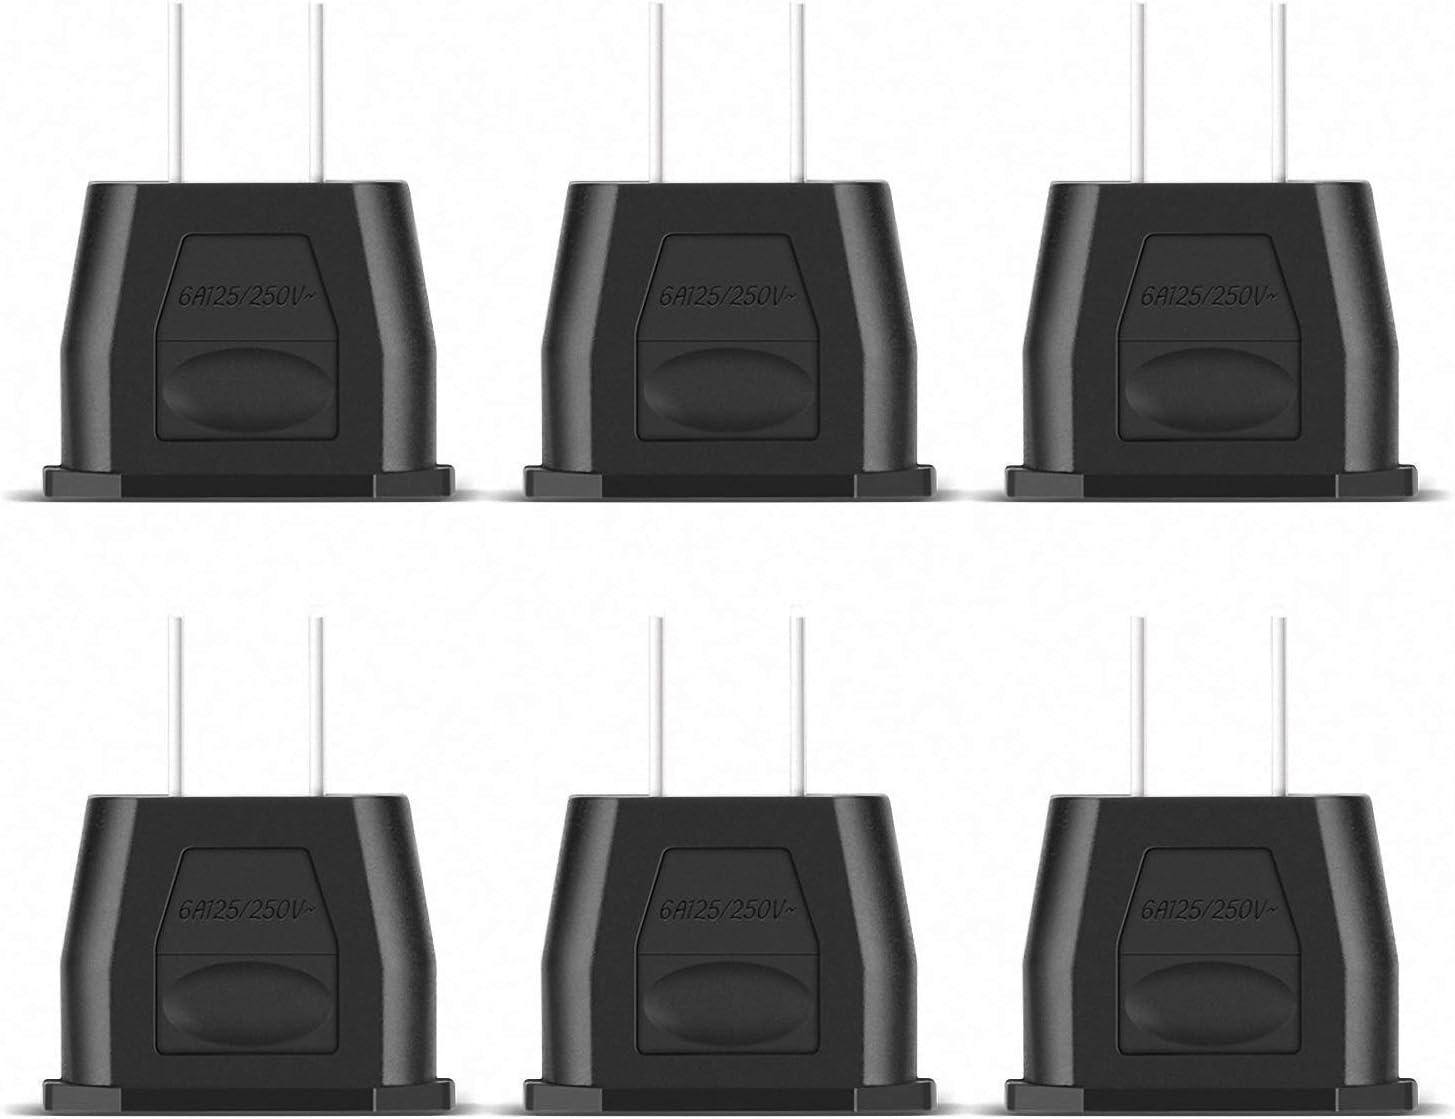 Incutex 6X adaptadores USA adaptadores Estados Unidos Tipo A Adaptador Canada, Negro